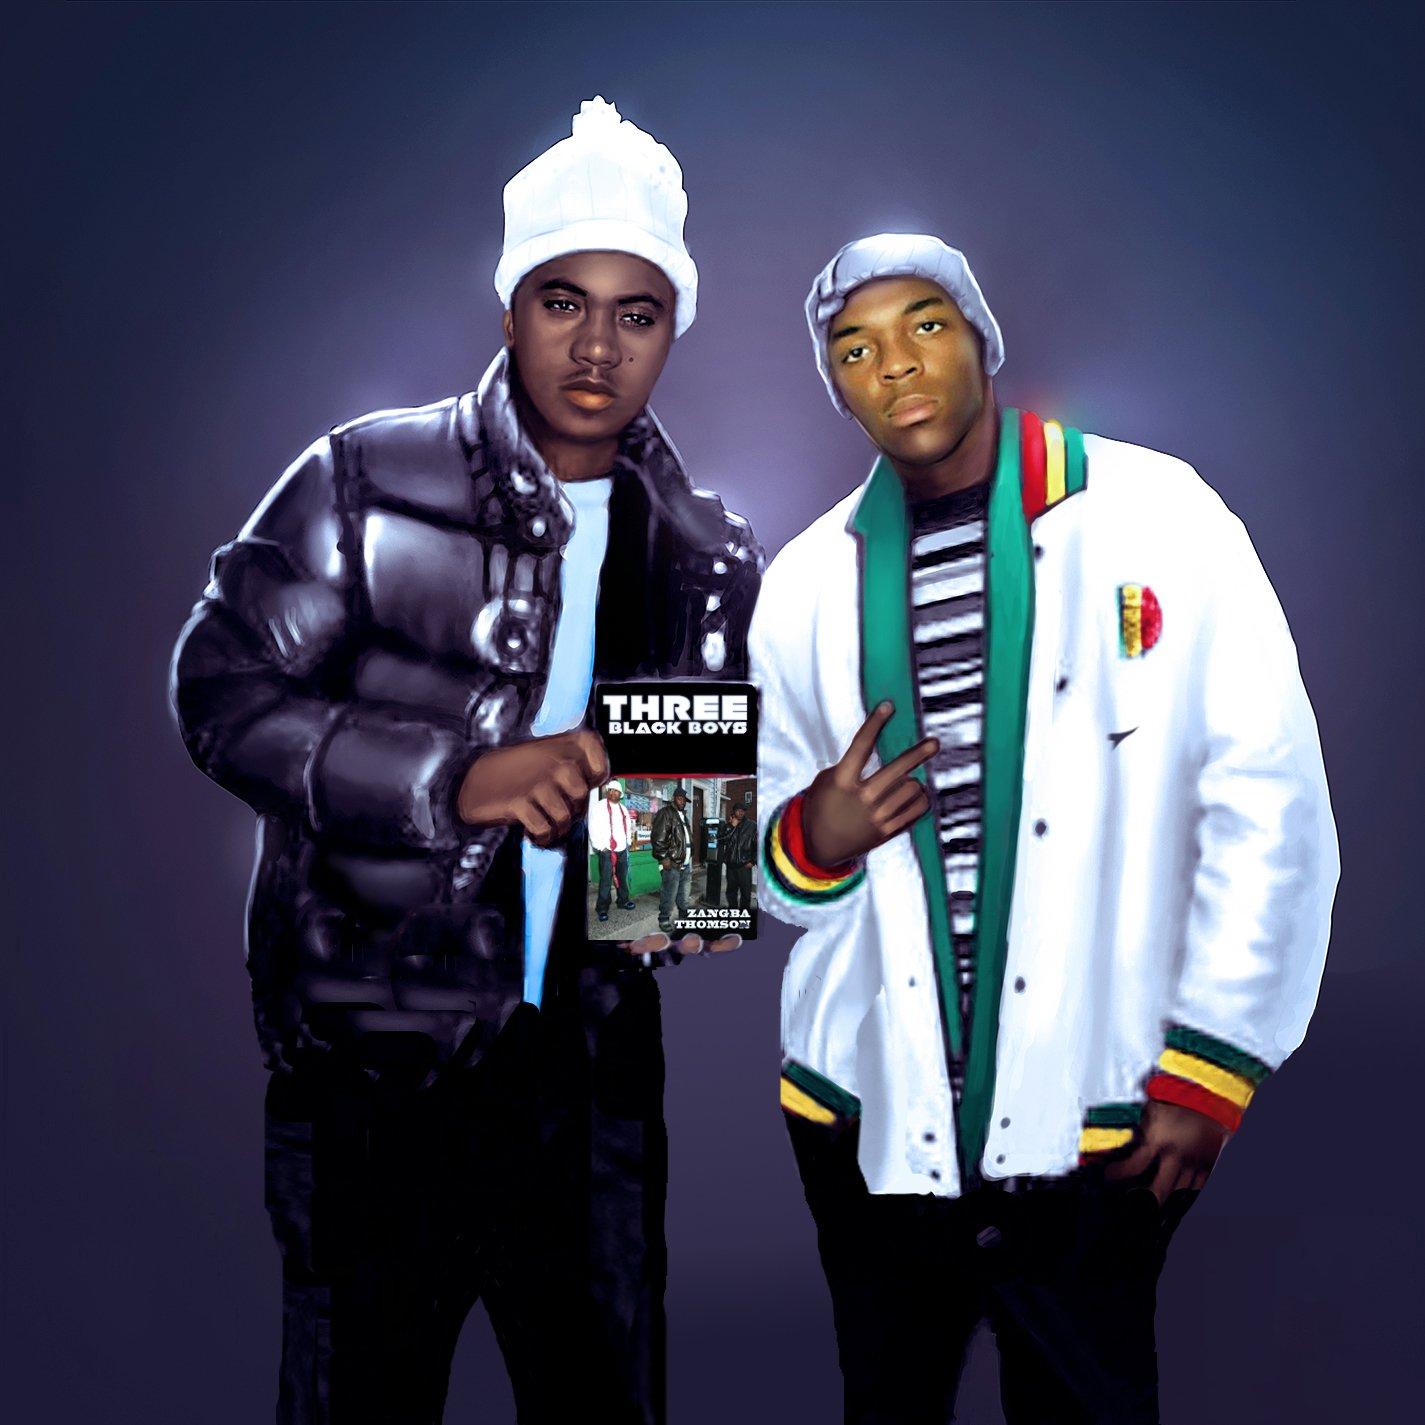 Zangba & Nas portrait